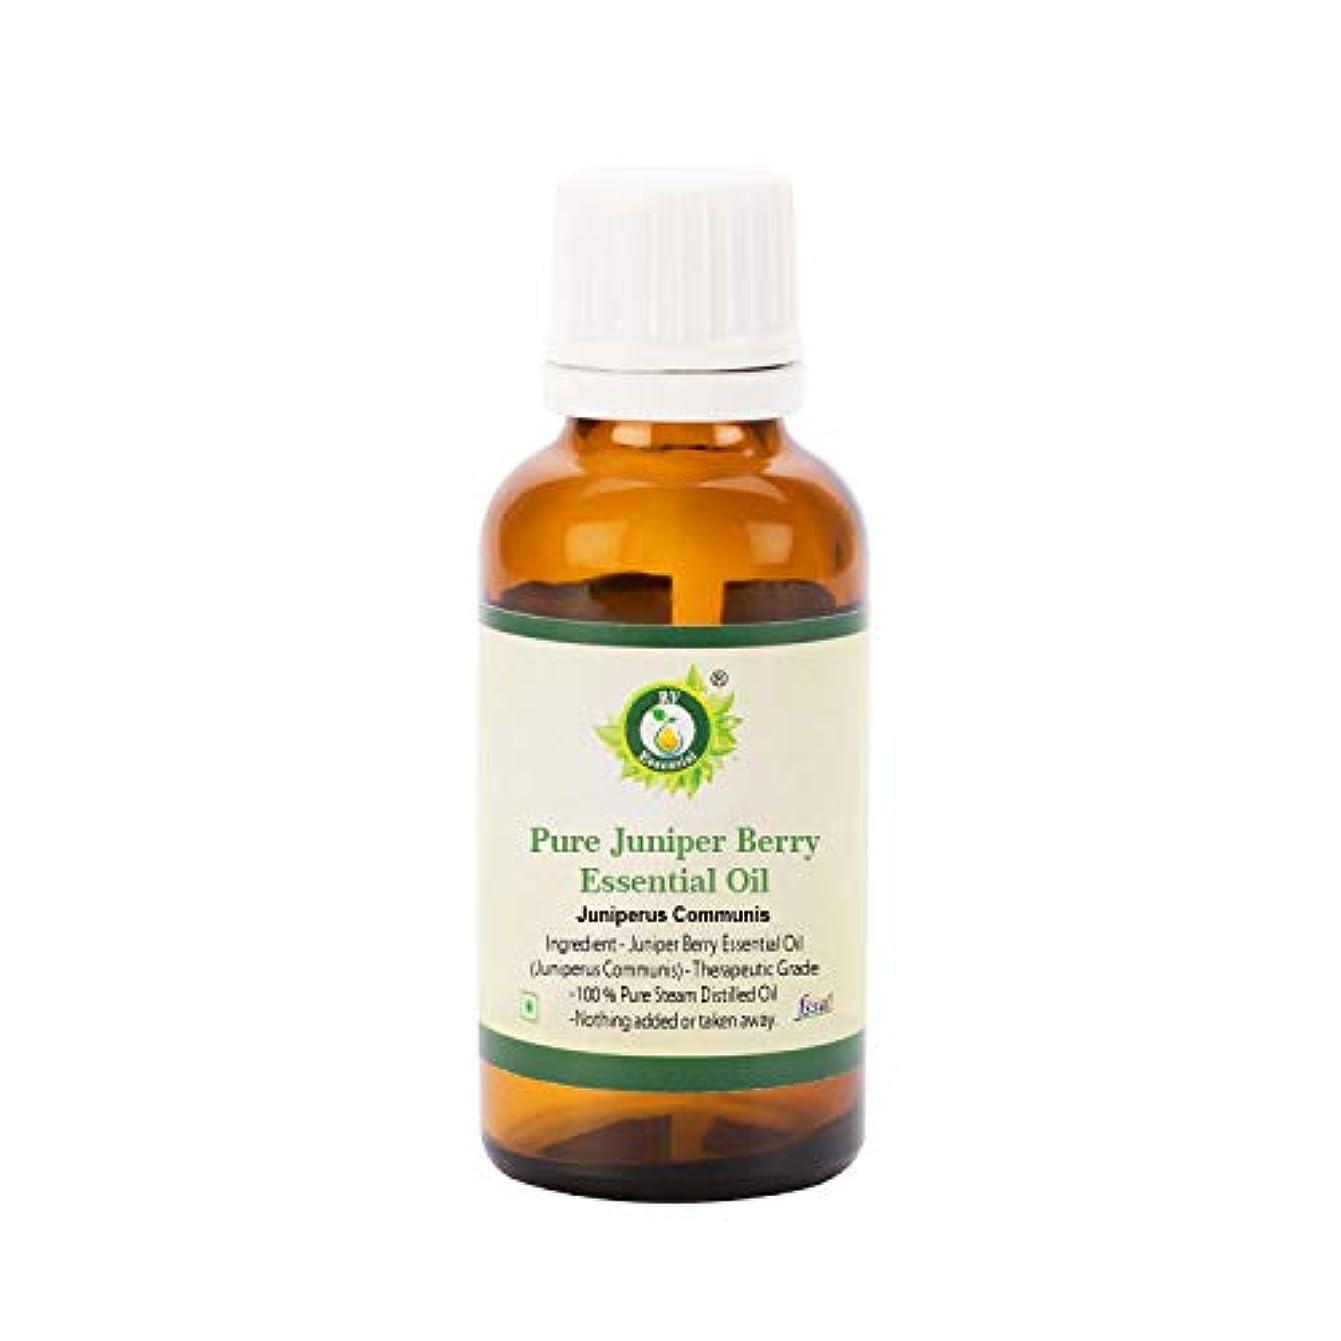 不安してはいけません恒久的R V Essential ピュアジュニパーベリーエッセンシャルオイル100ml (3.38oz)- Juniperus Communis (100%純粋&天然スチームDistilled) Pure Juniper Berry...